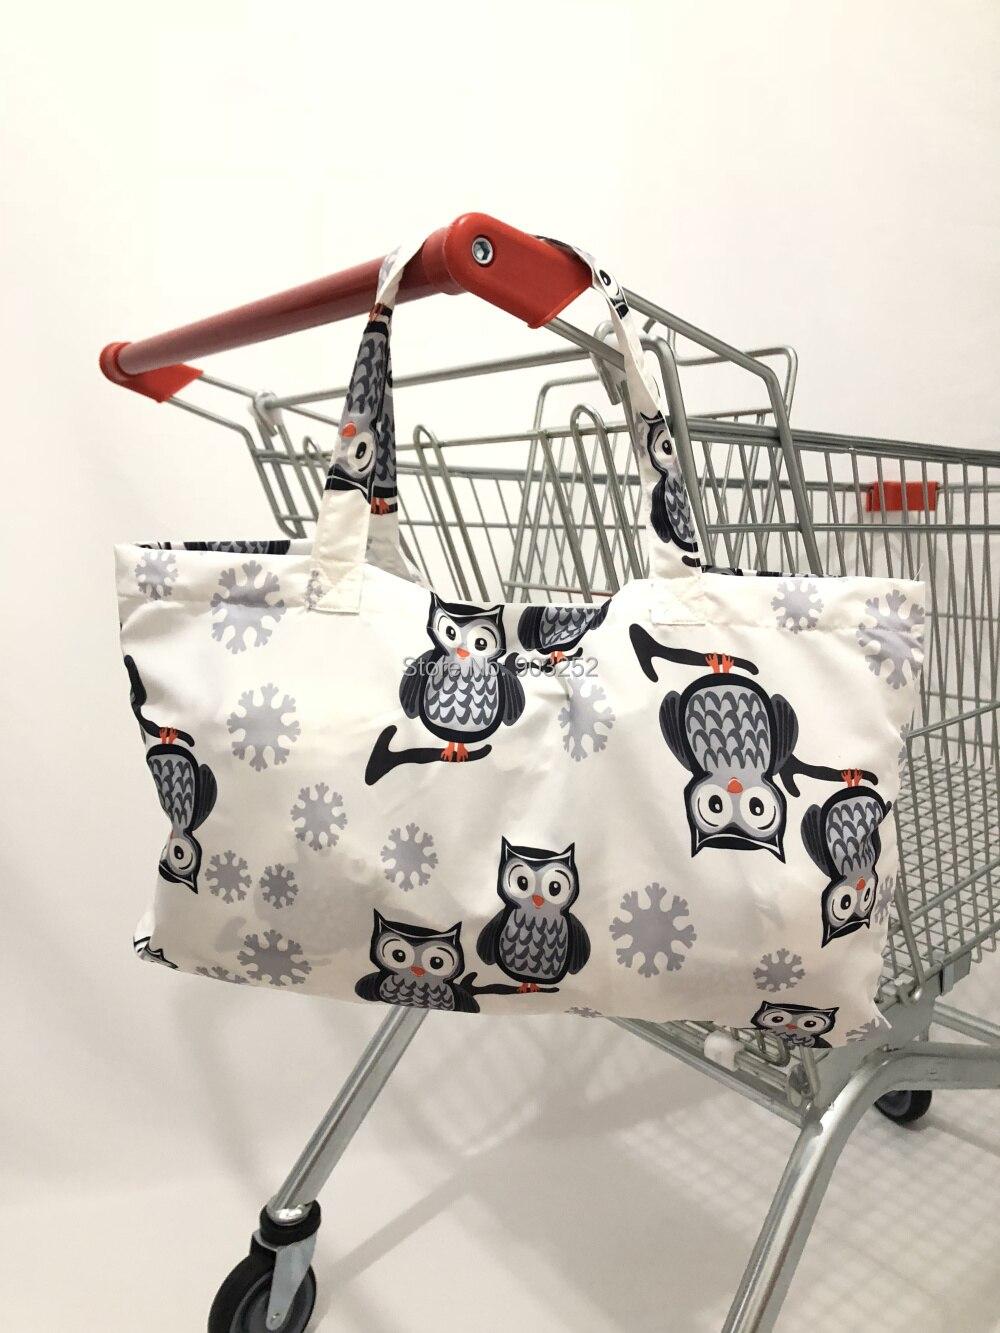 2в1 белая сова детская корзина для покупок и ресторанный чехол для стульев-складывается в маленькую сумку для удобного хранения и путешествий